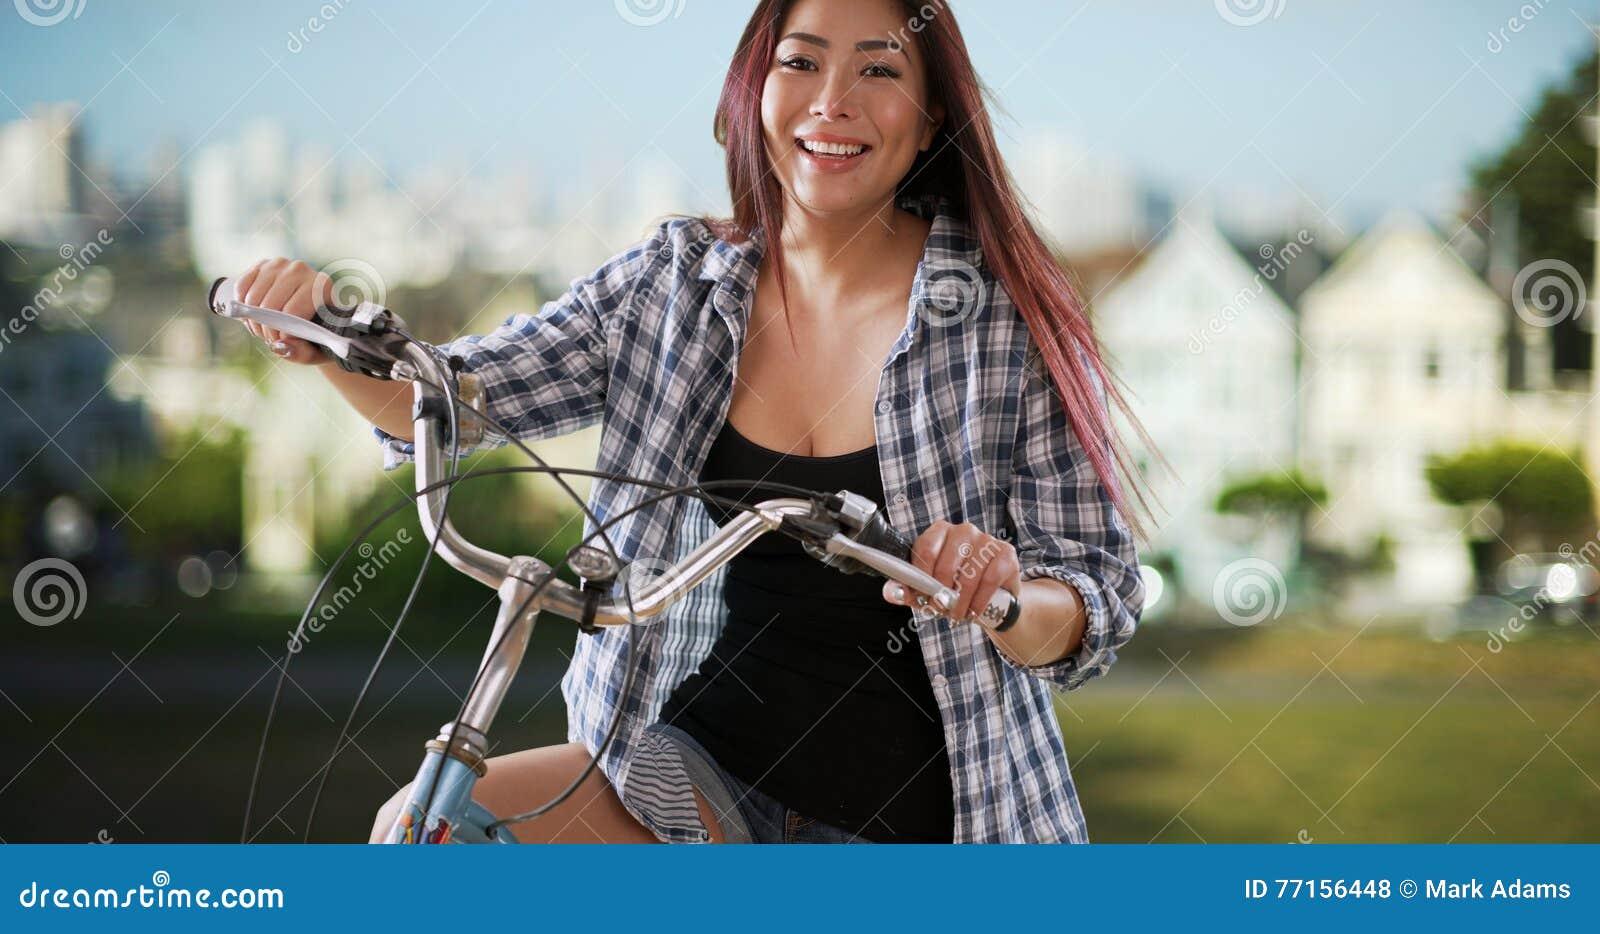 Femme japonaise souriant avec son vélo au parc